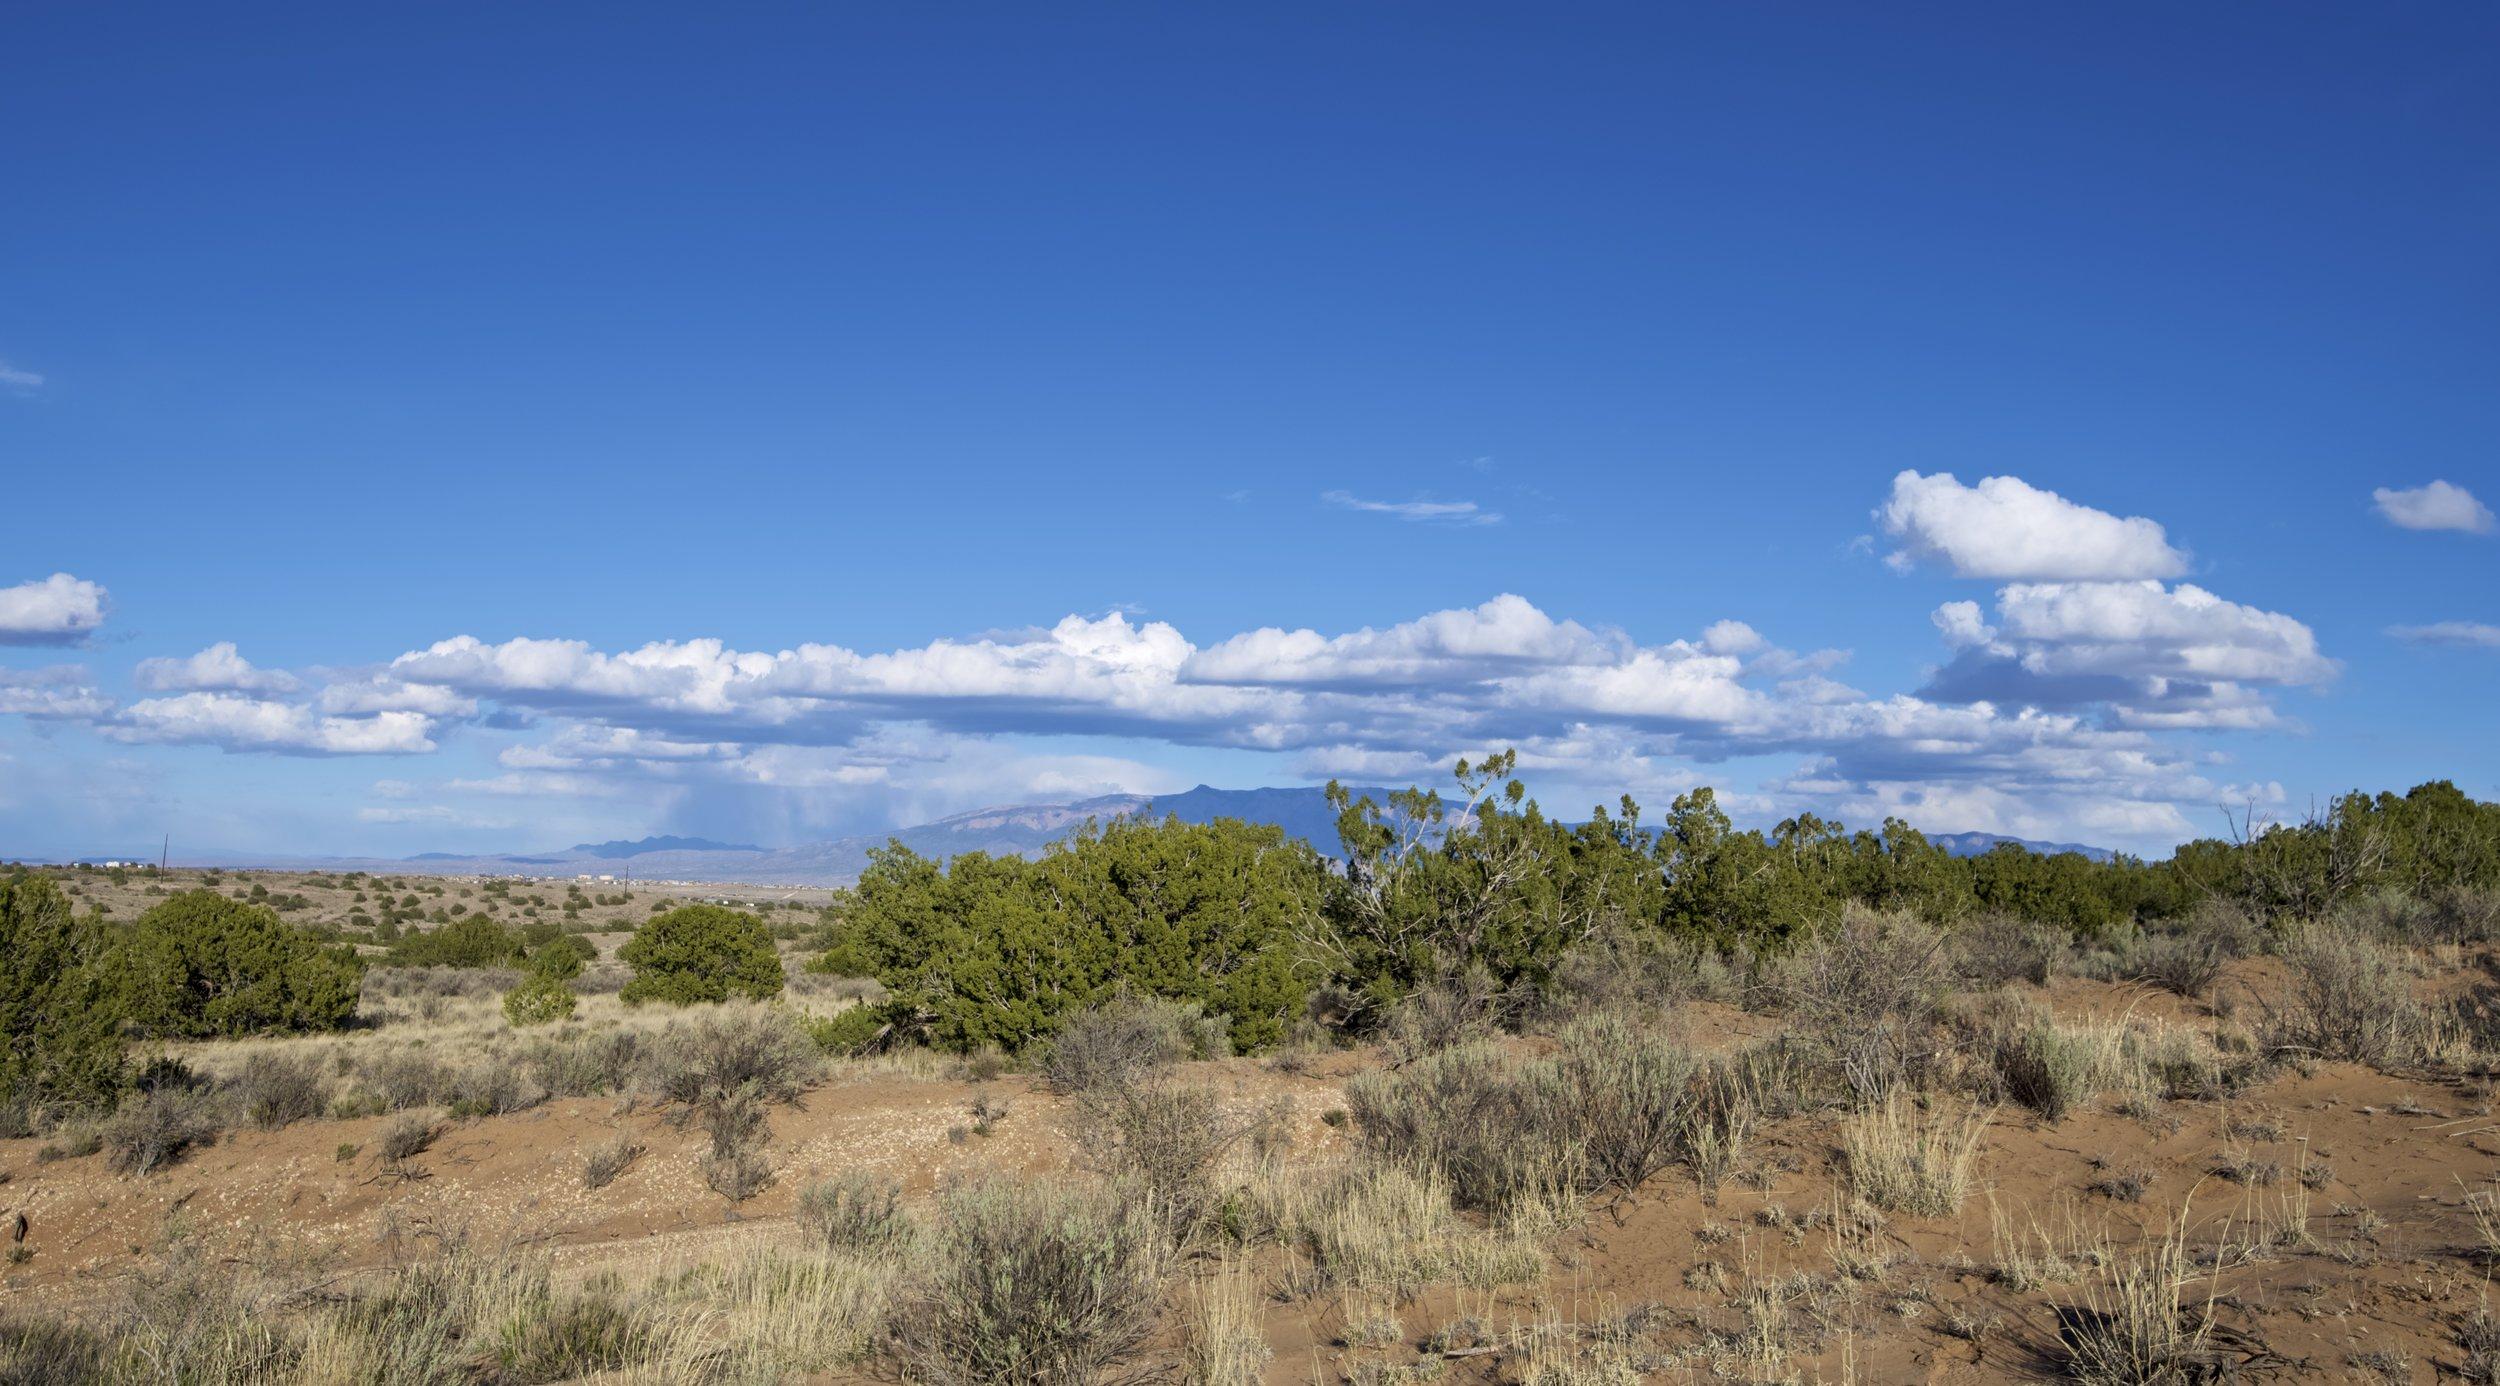 SNNM-2231-rio-rancho-125671.jpg